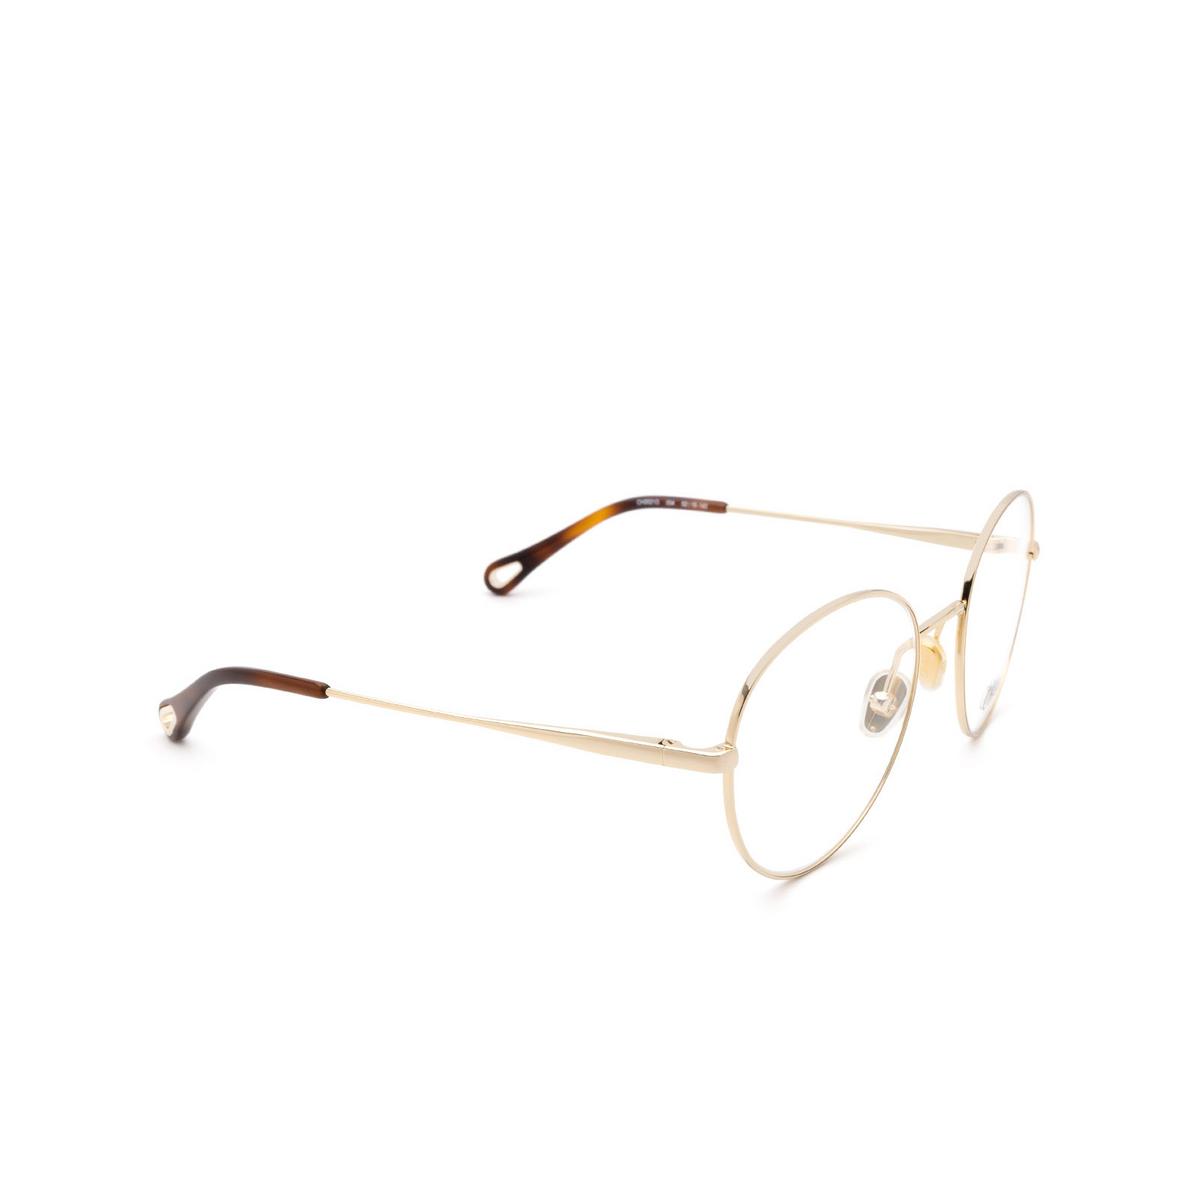 Chloé® Round Eyeglasses: CH0021O color Gold 004 - three-quarters view.